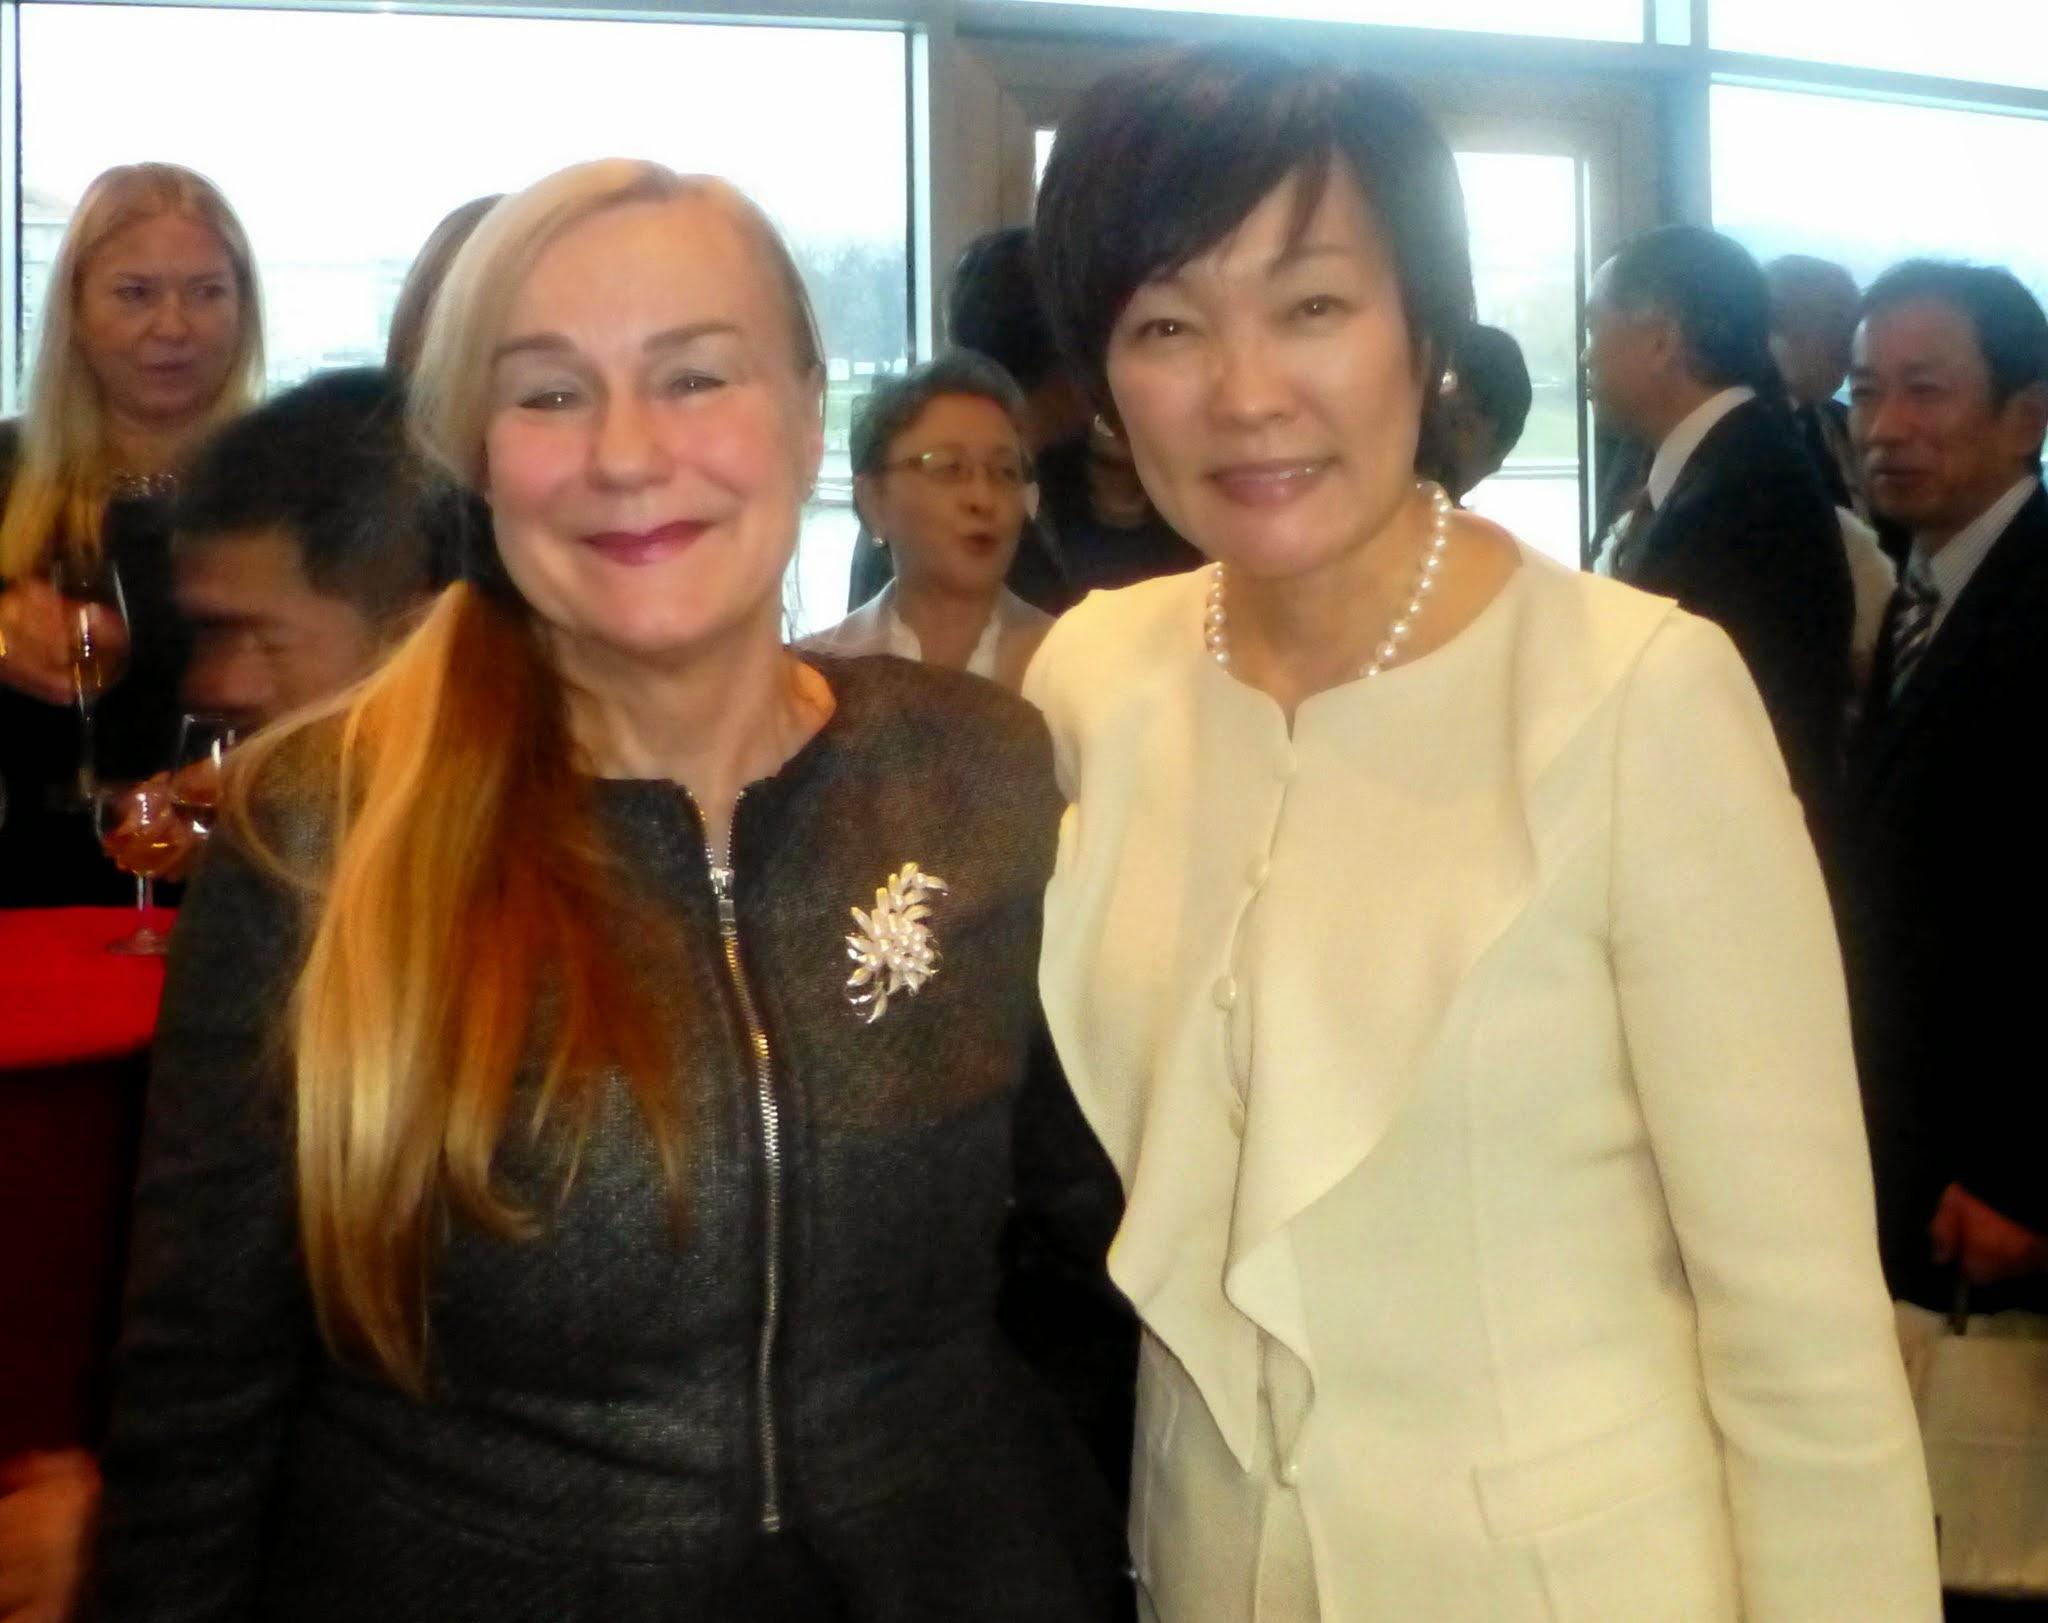 """Photo: Rozmawiałyśmy o """"womanomics"""", jednym z ważnych elelmentów obecnej polityki rządu Premiera Abe, męża mojej rozmówczyni, dotyczącym aktywizacji zawodowej kobiet w Japonii"""